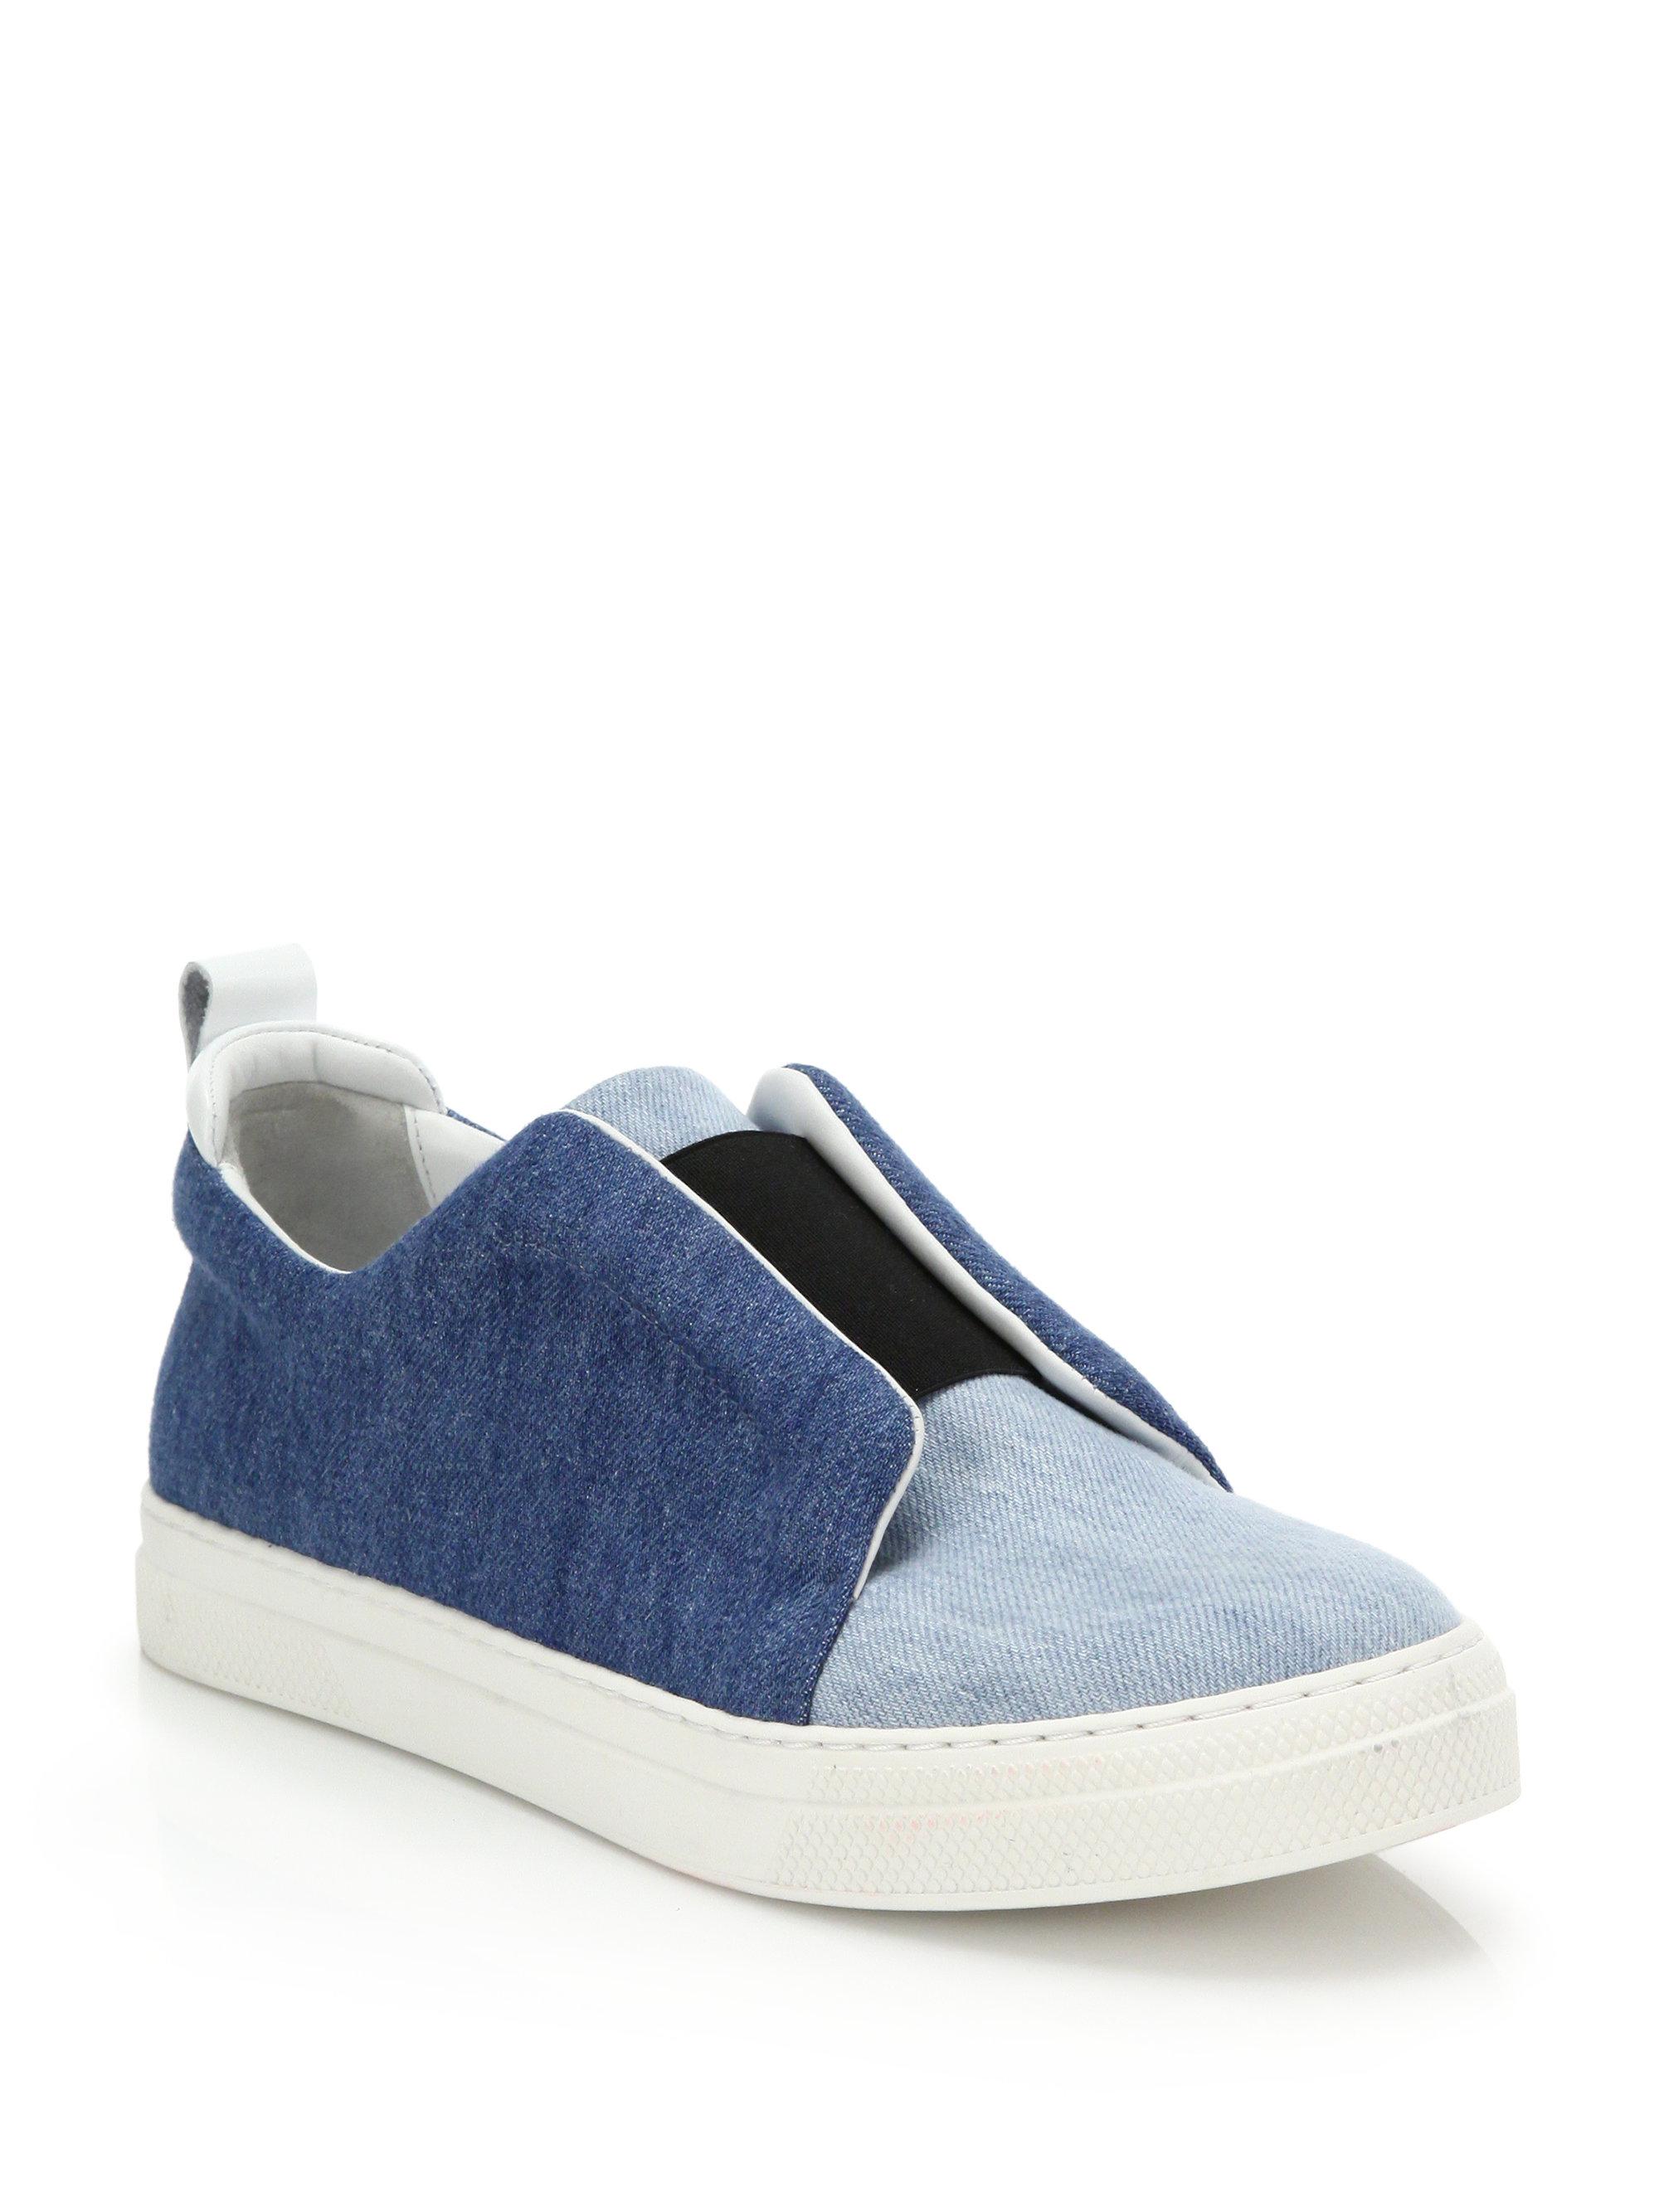 Pierre Slip-on Hardy Chaussures De Sport - Bleu oTNax